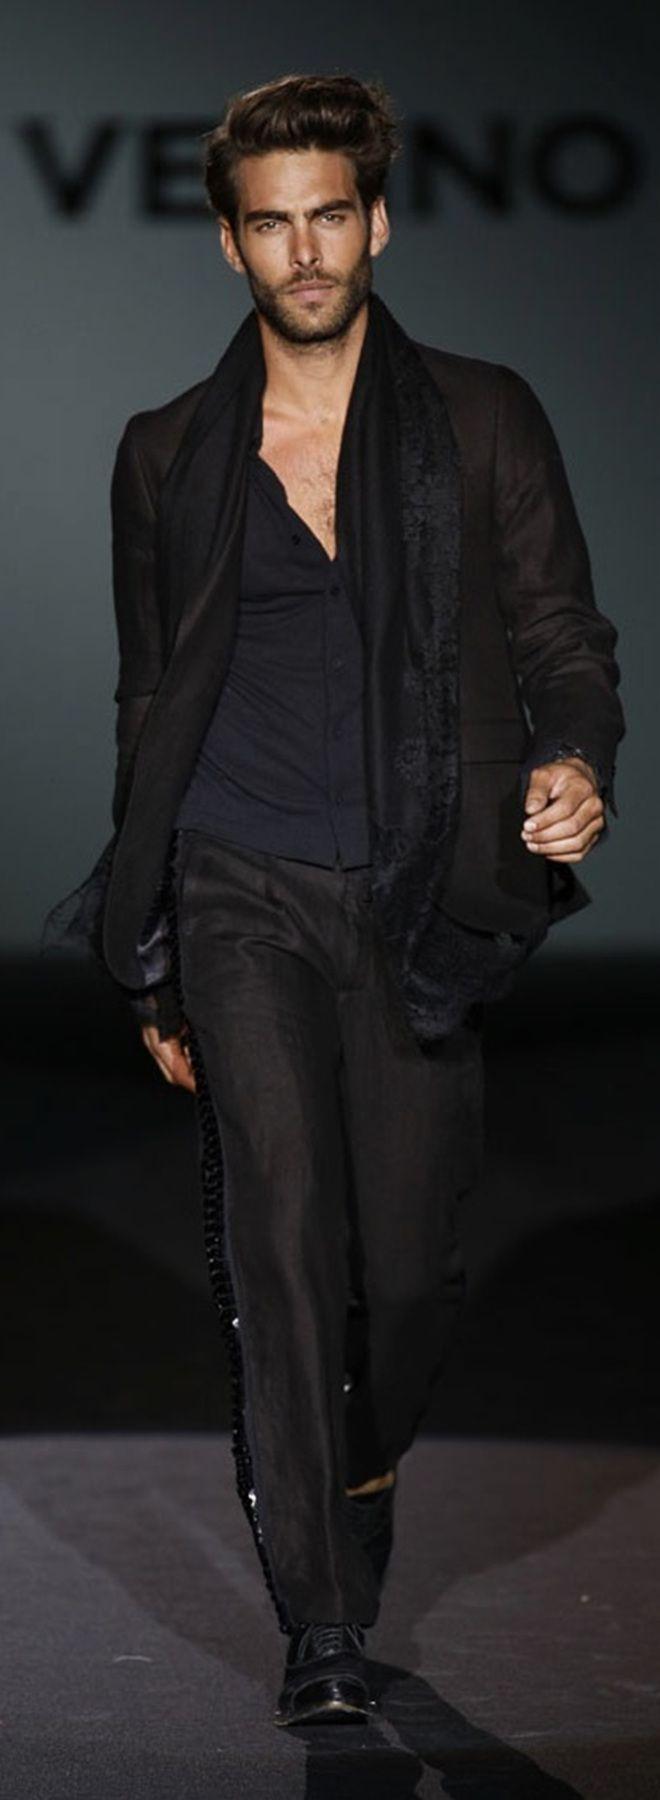 Jon Kortajarena  - Roberto Verino MBFWM P/V 2014 Menswear Fashion